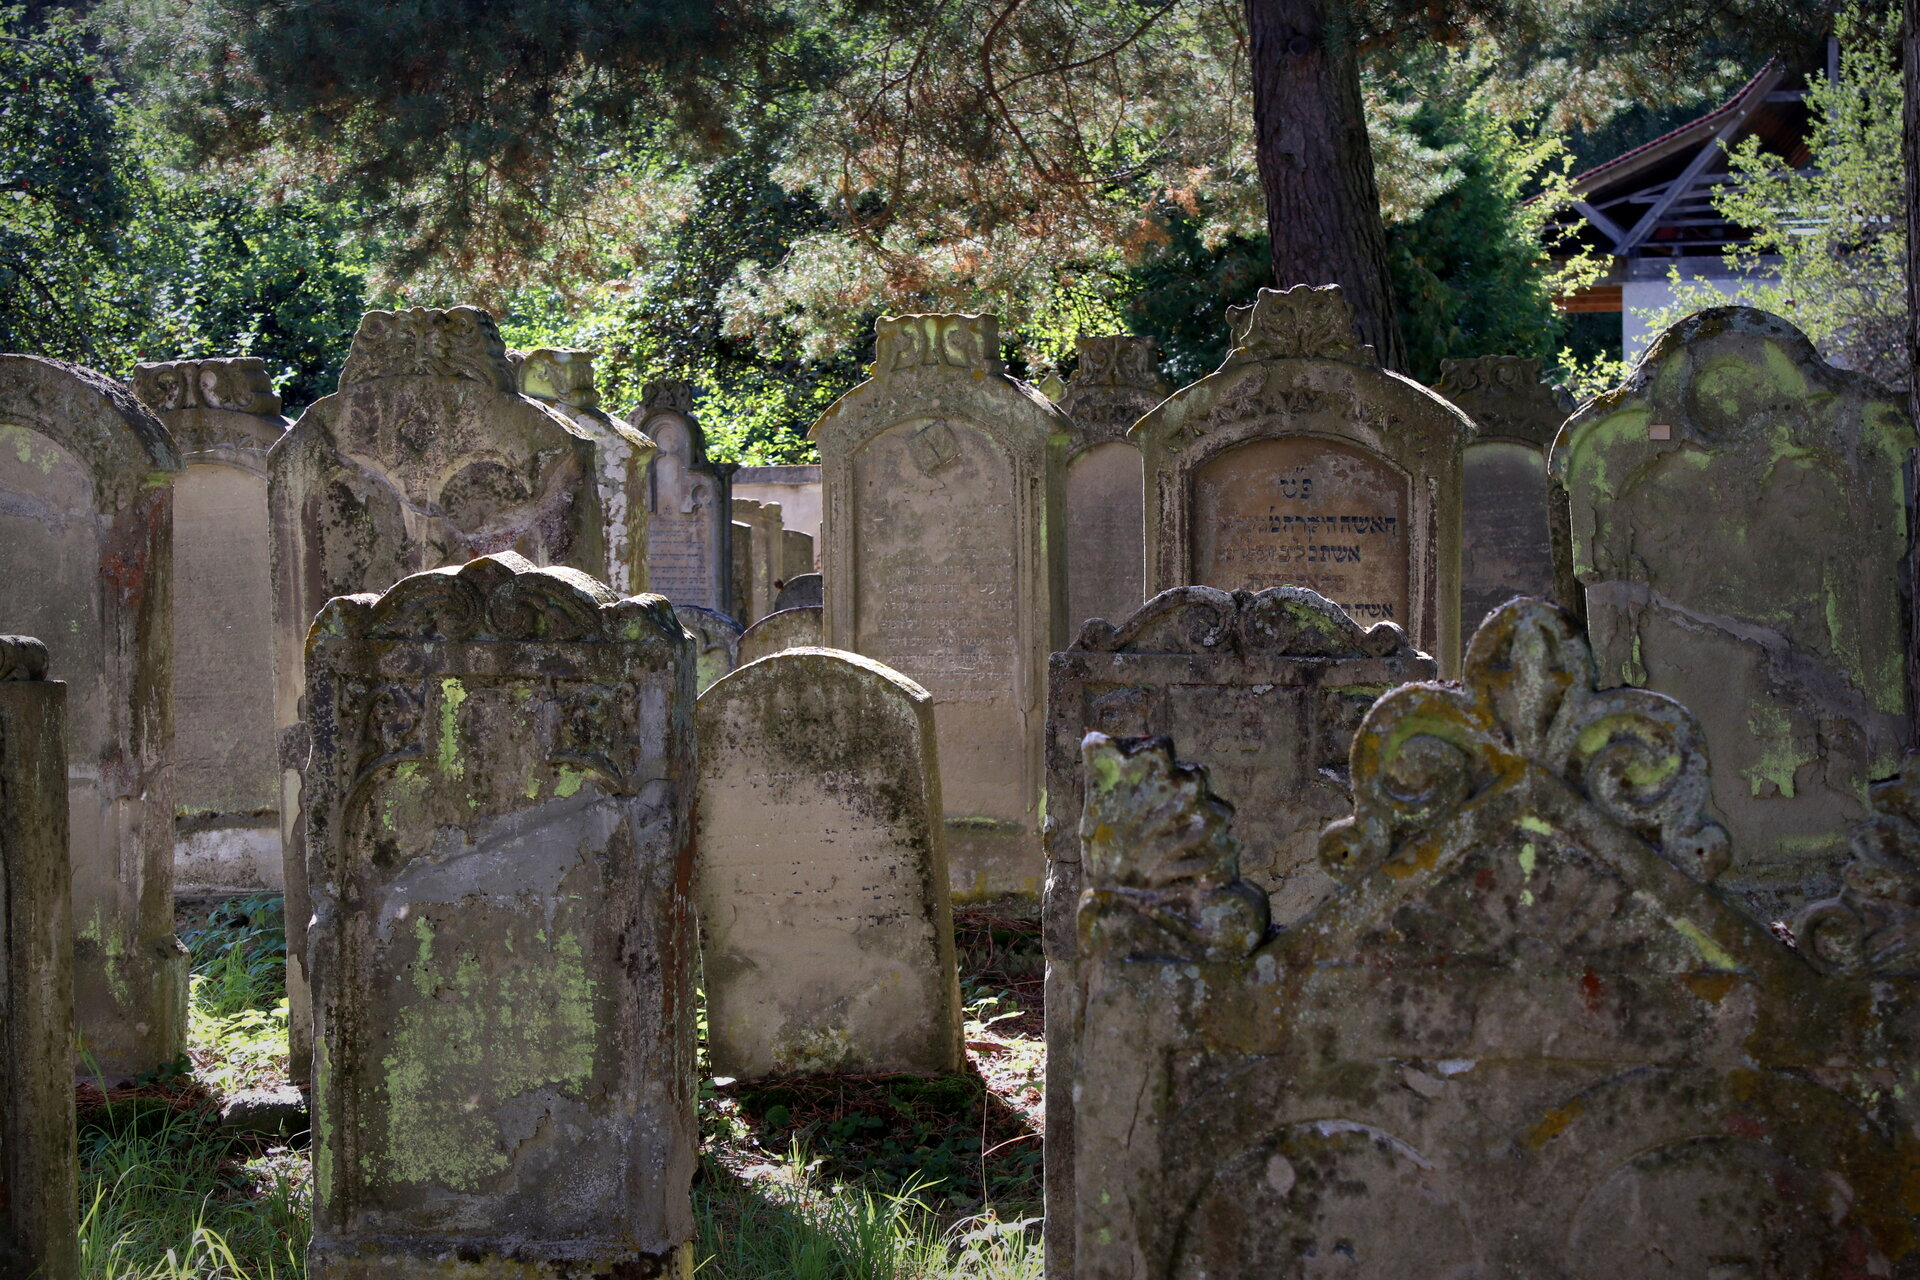 Friedhof Bechhofen